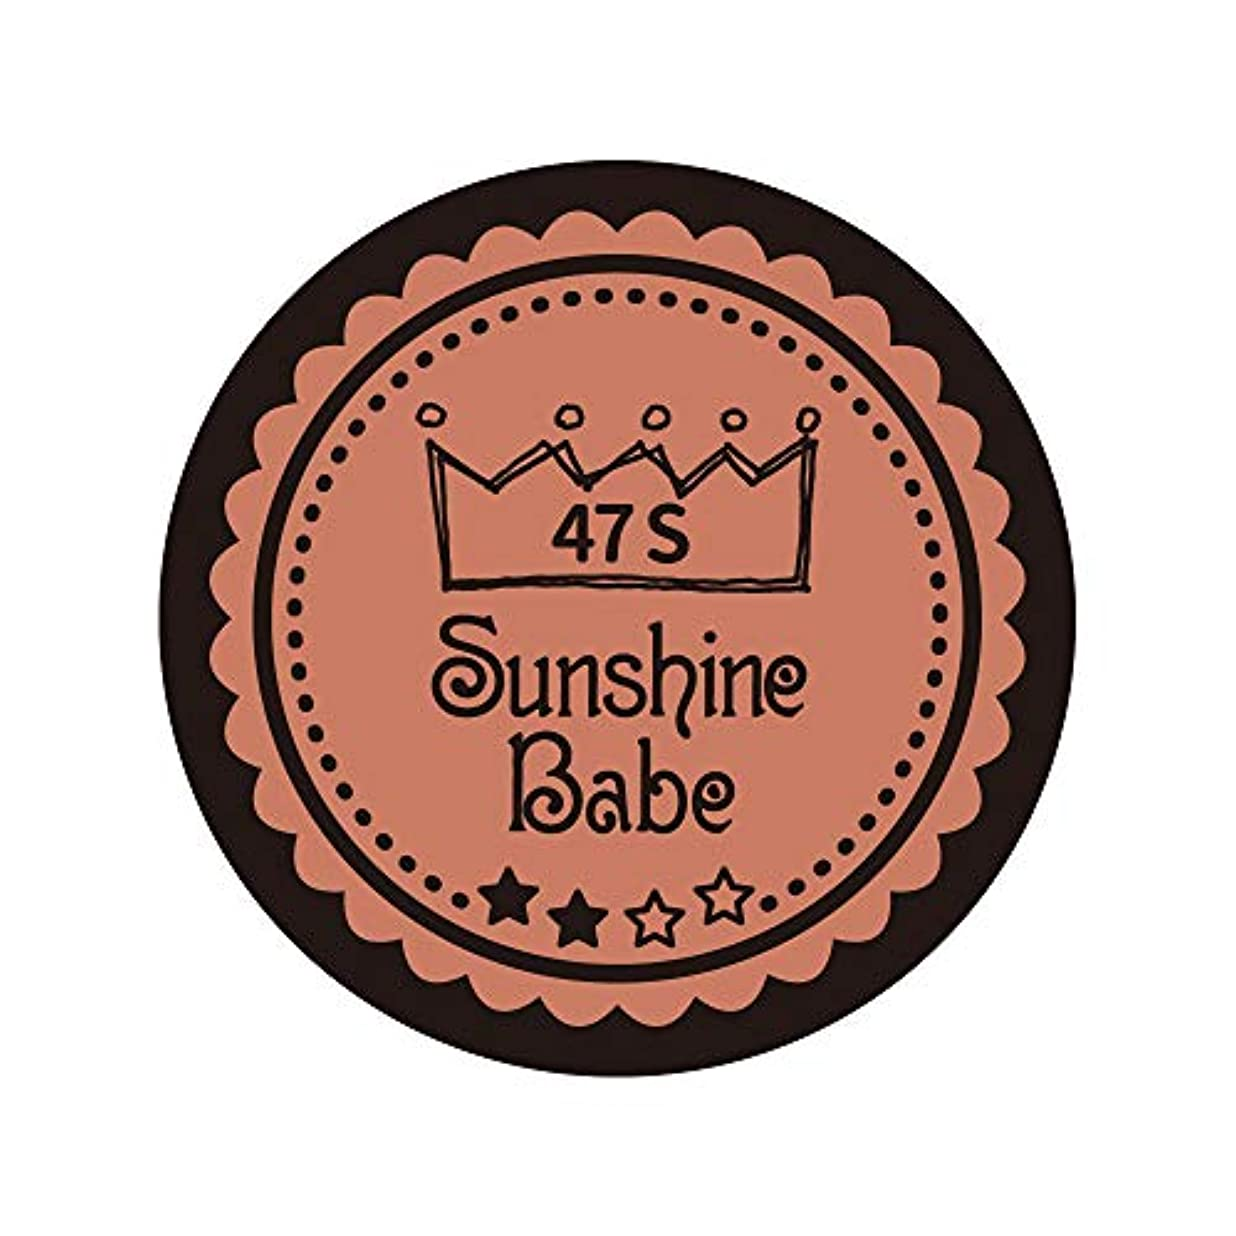 継続中文献宿泊施設Sunshine Babe カラージェル 47S ピーチブラウン 2.7g UV/LED対応